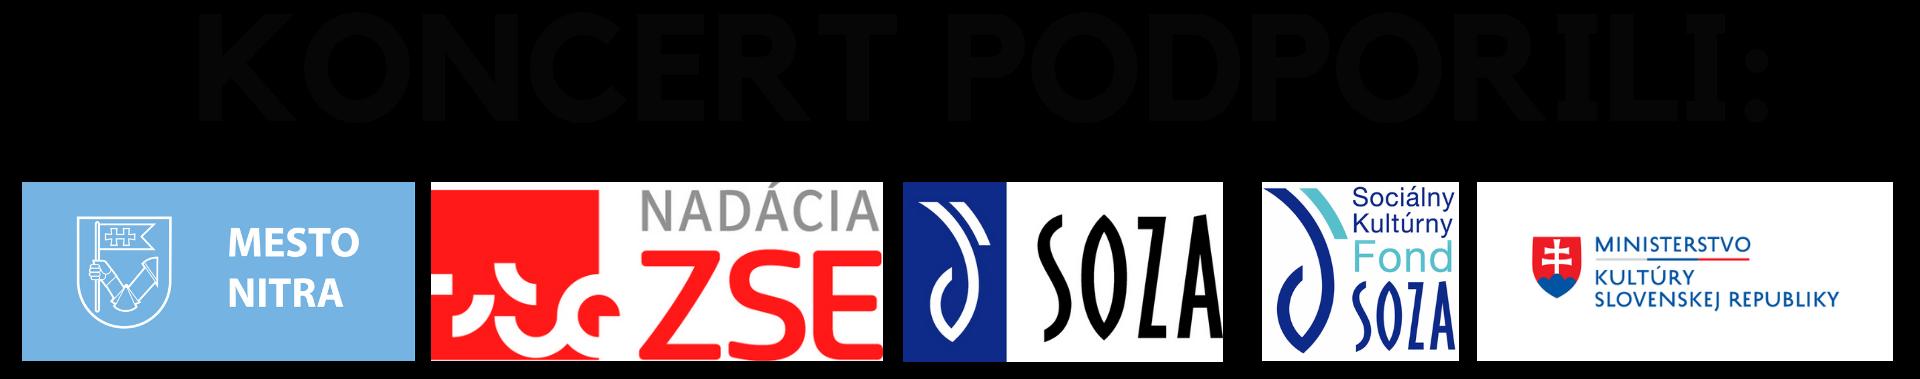 Bielo-čierny koncert pod nitrianskym nebom podporili Ministerstvo kultúry SR, mesto Nitra, Nadácia ZSE a SOZA